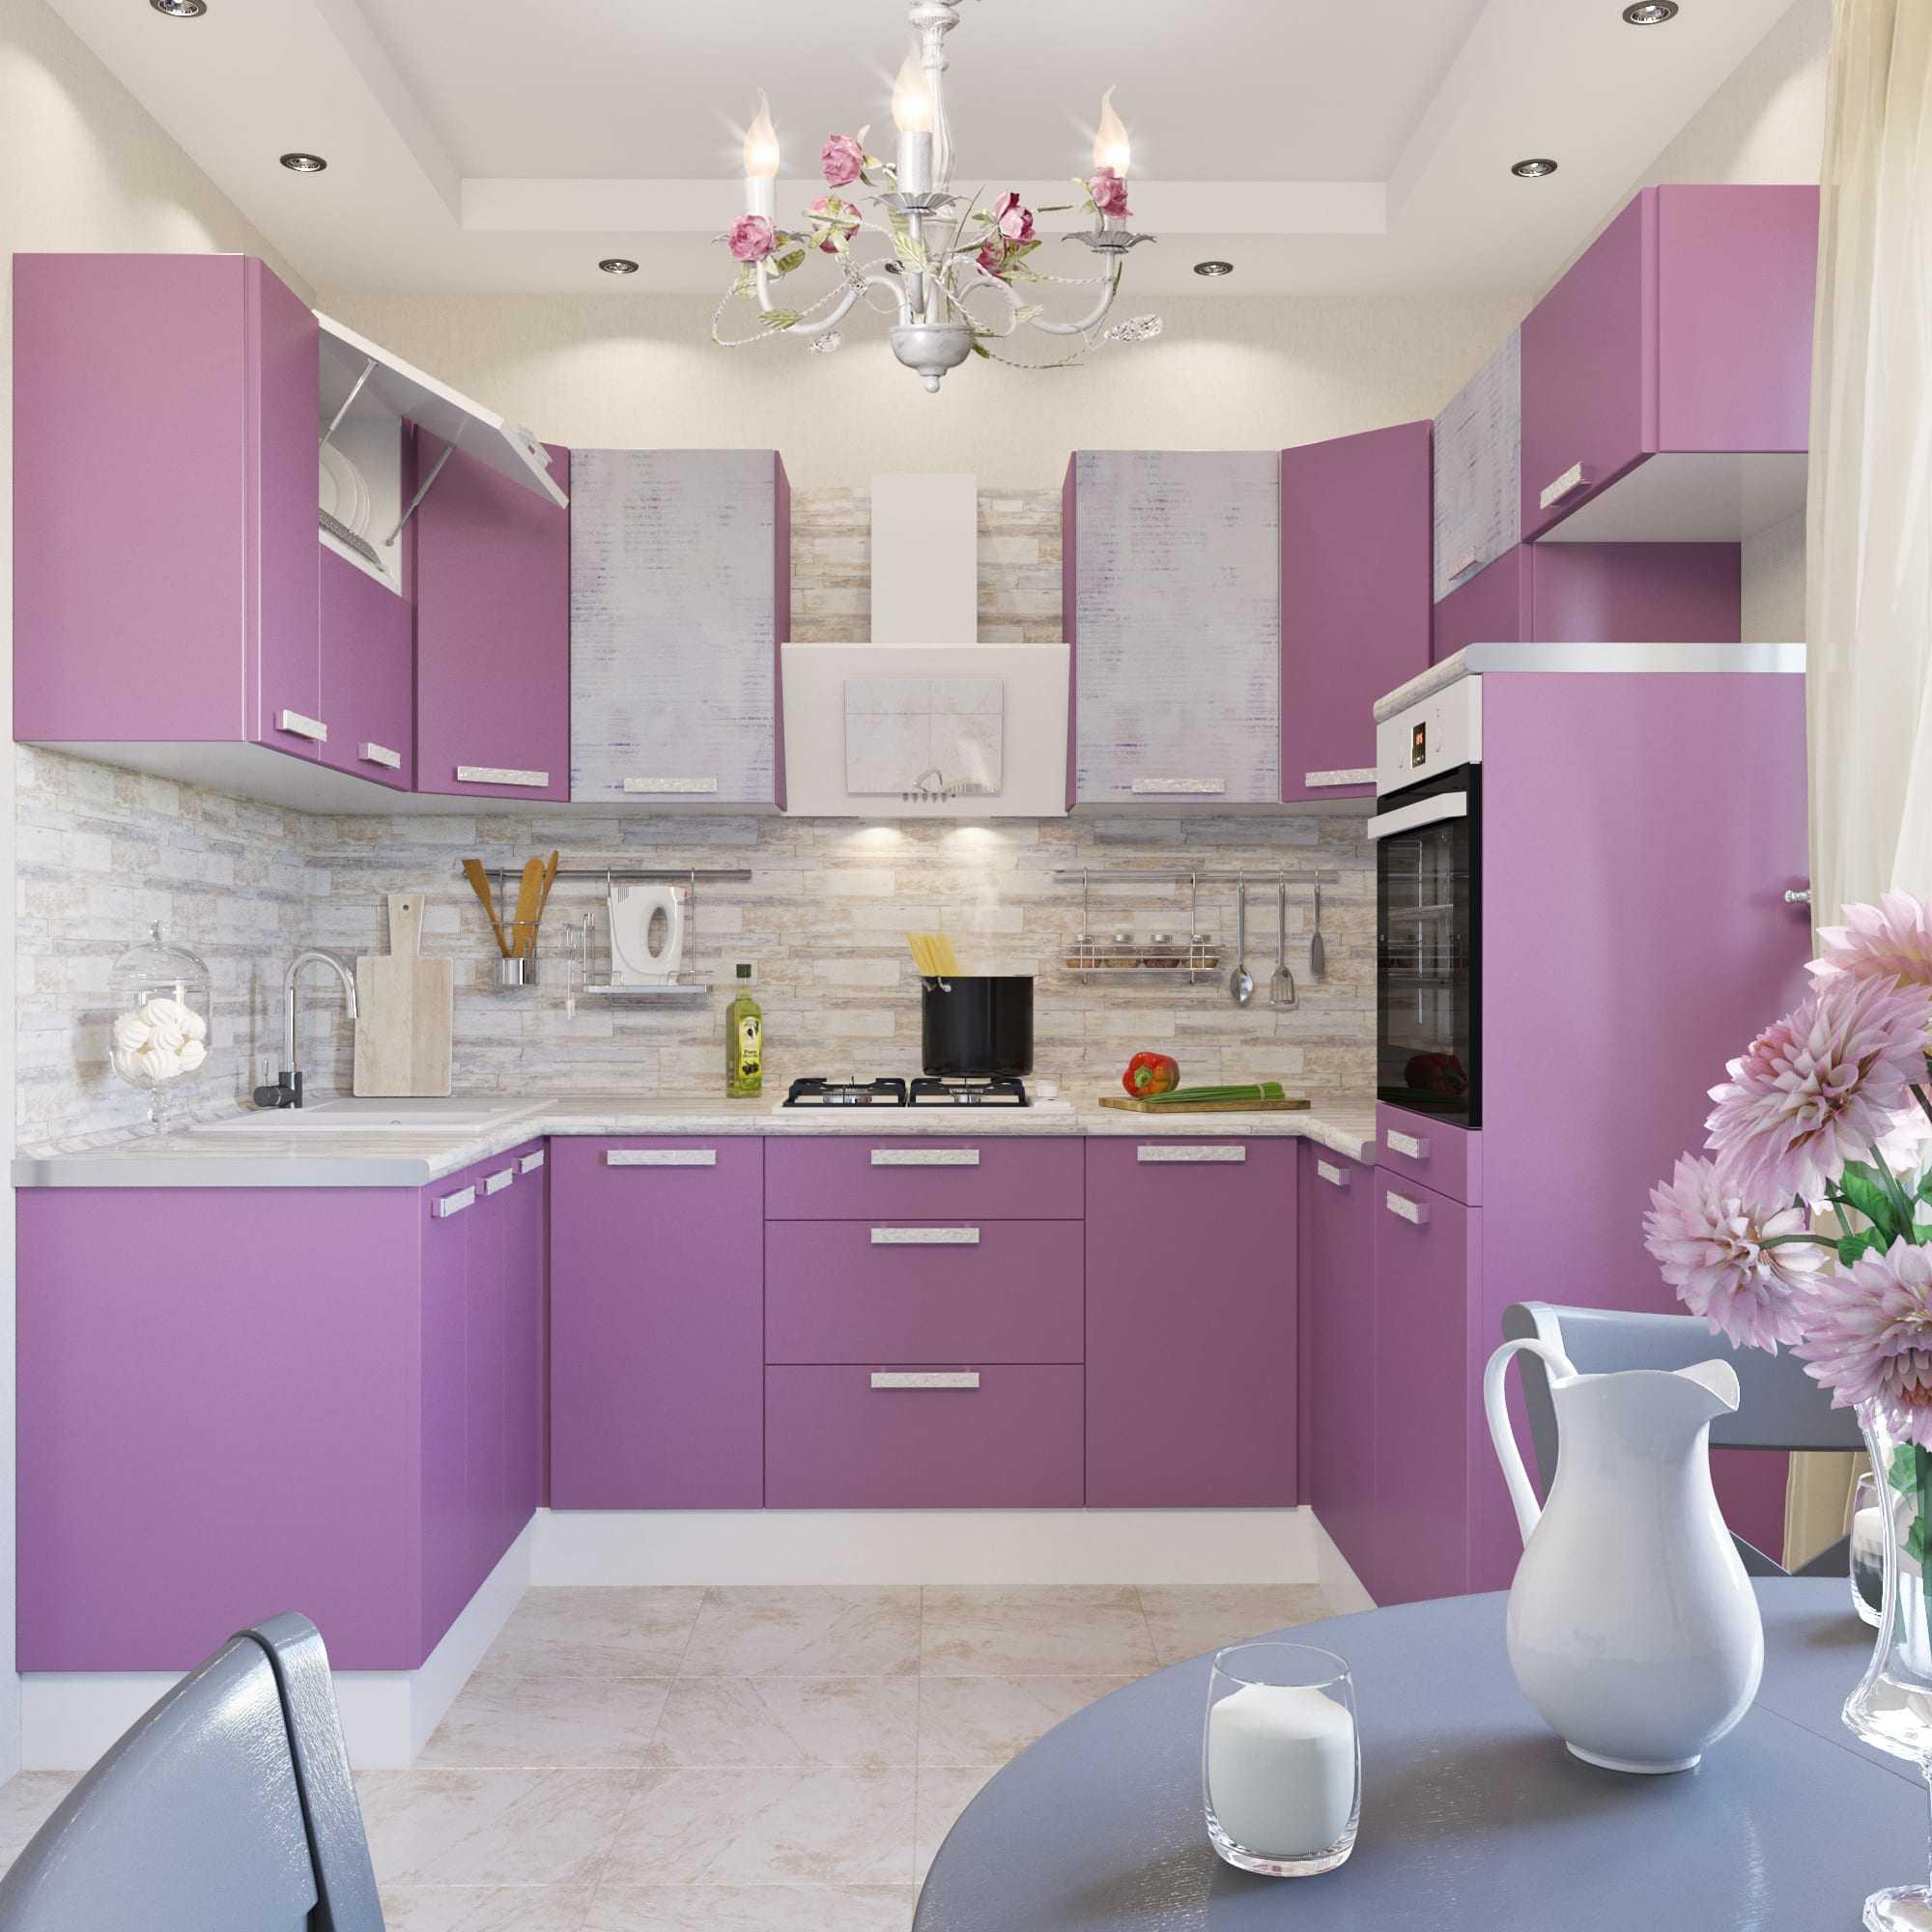 кухня слива лаванда примеры дизайн фото поиска запросу юбки